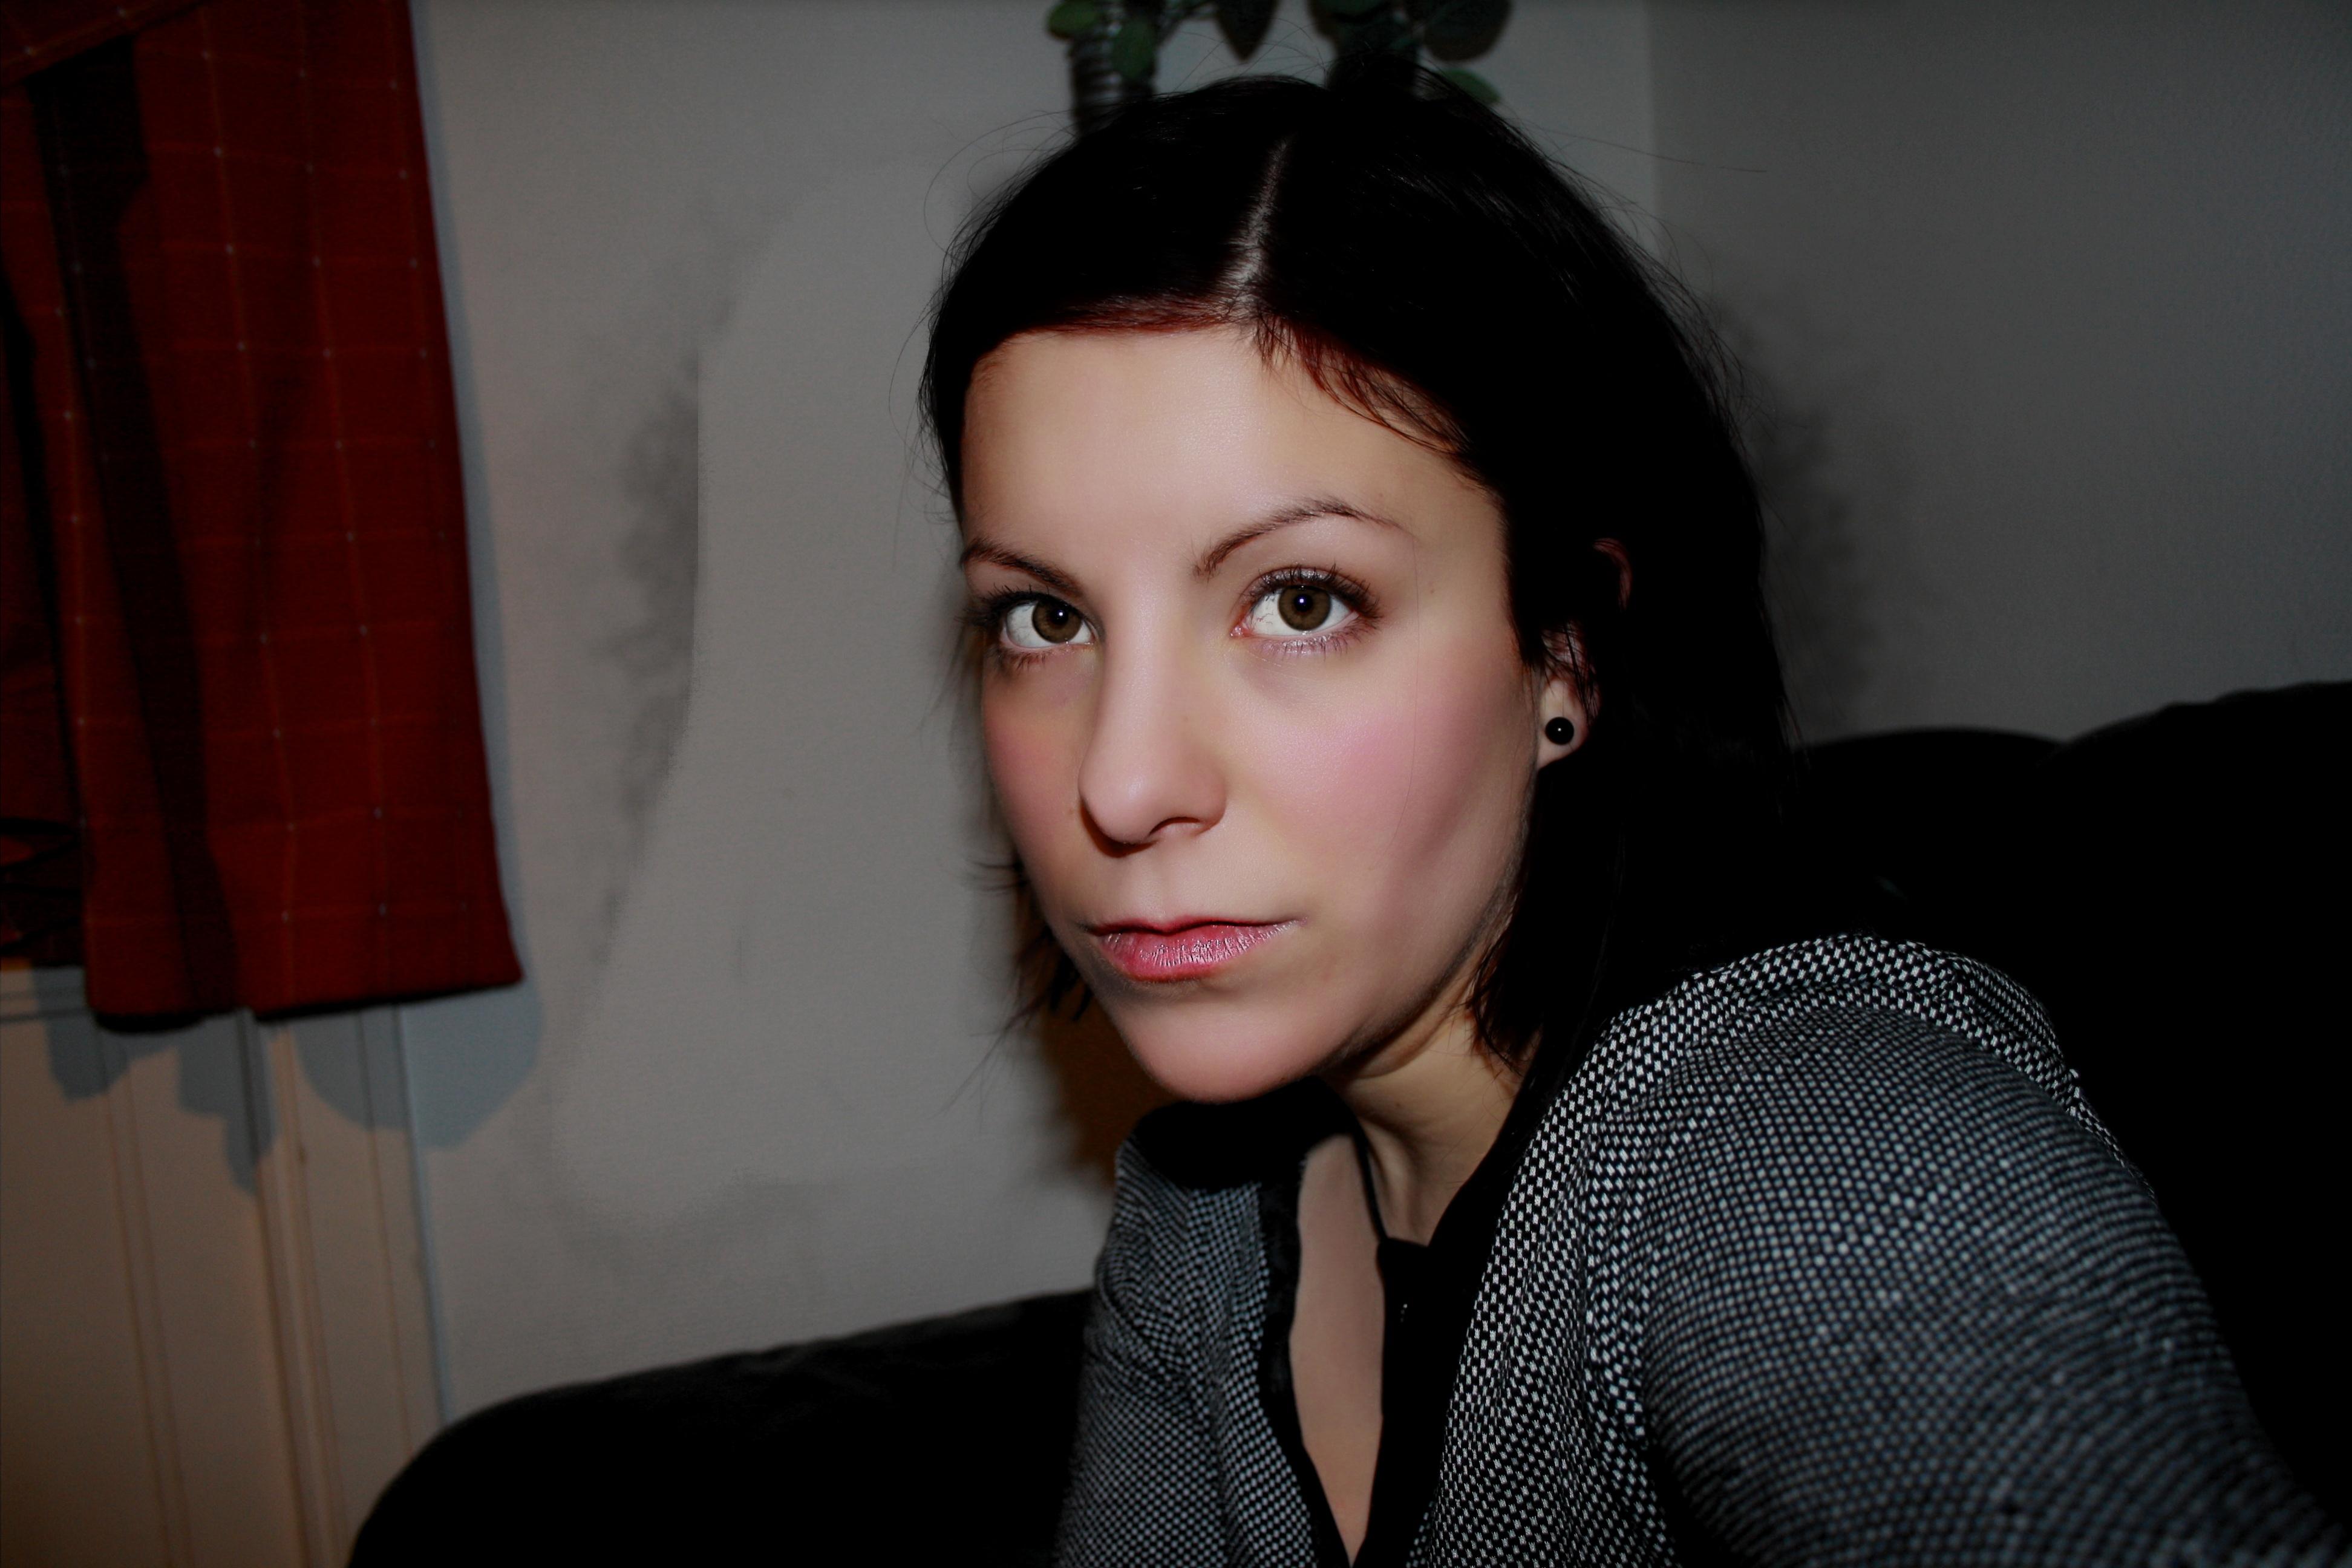 jennynyblom